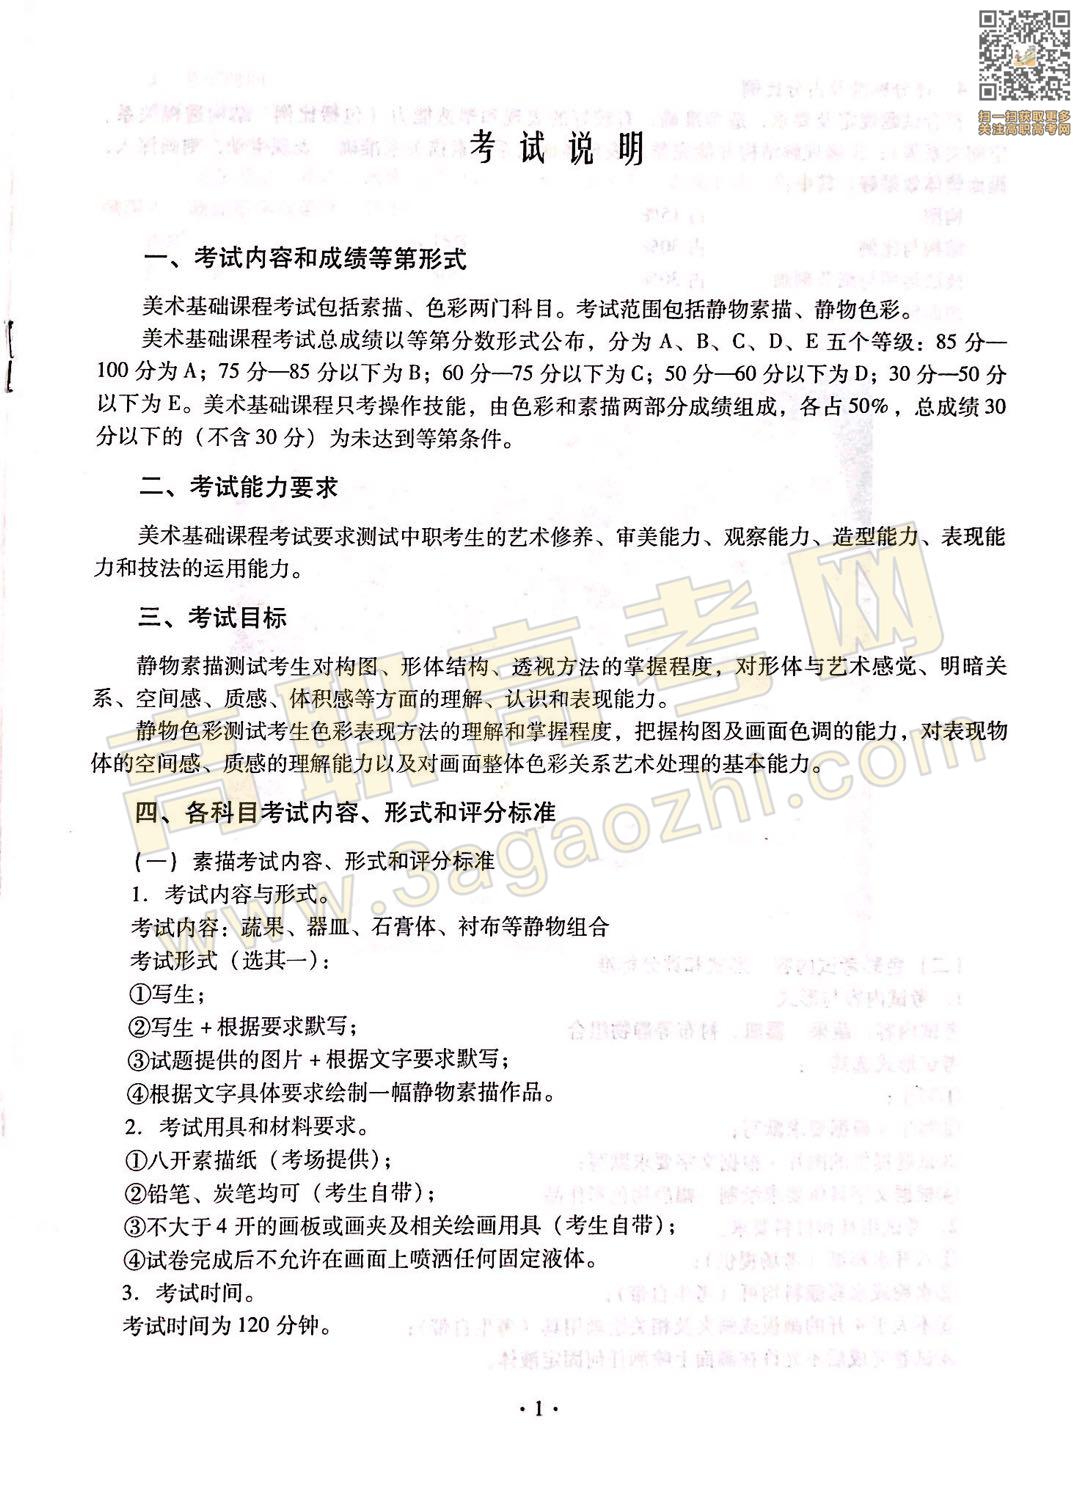 美术证书,2020年广东中职技能课程考试大纲及样题